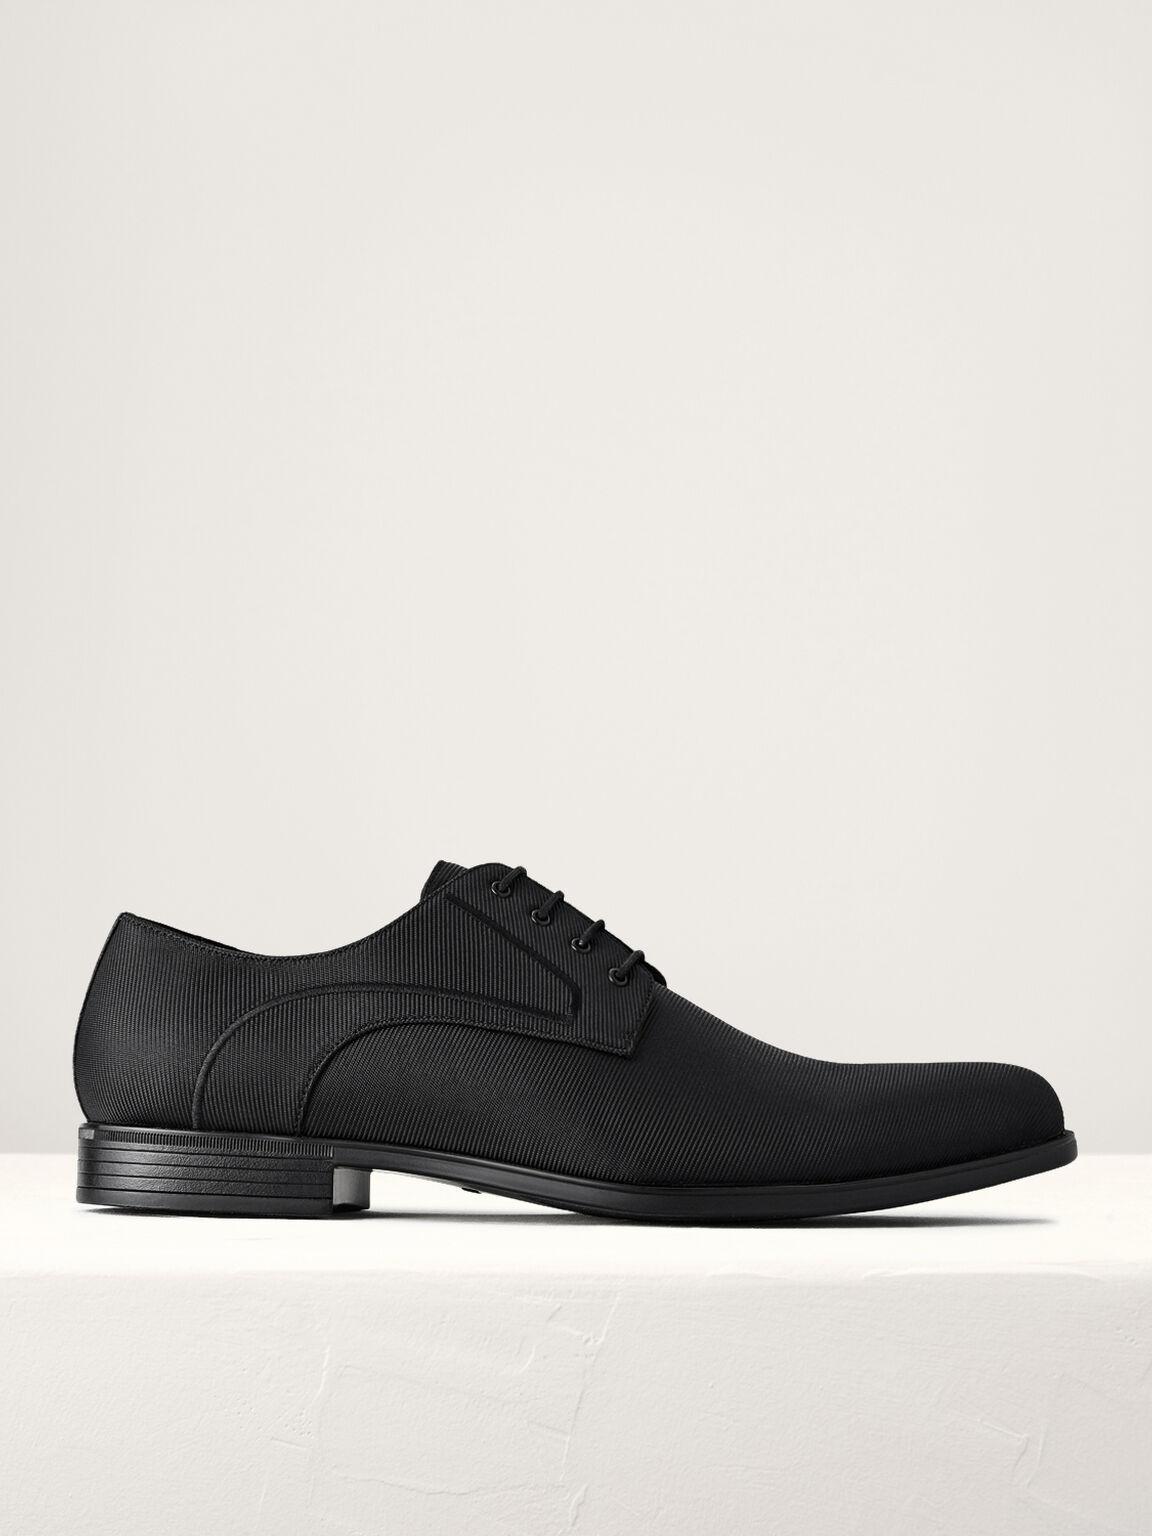 尖頭德比鞋, 黑色, hi-res